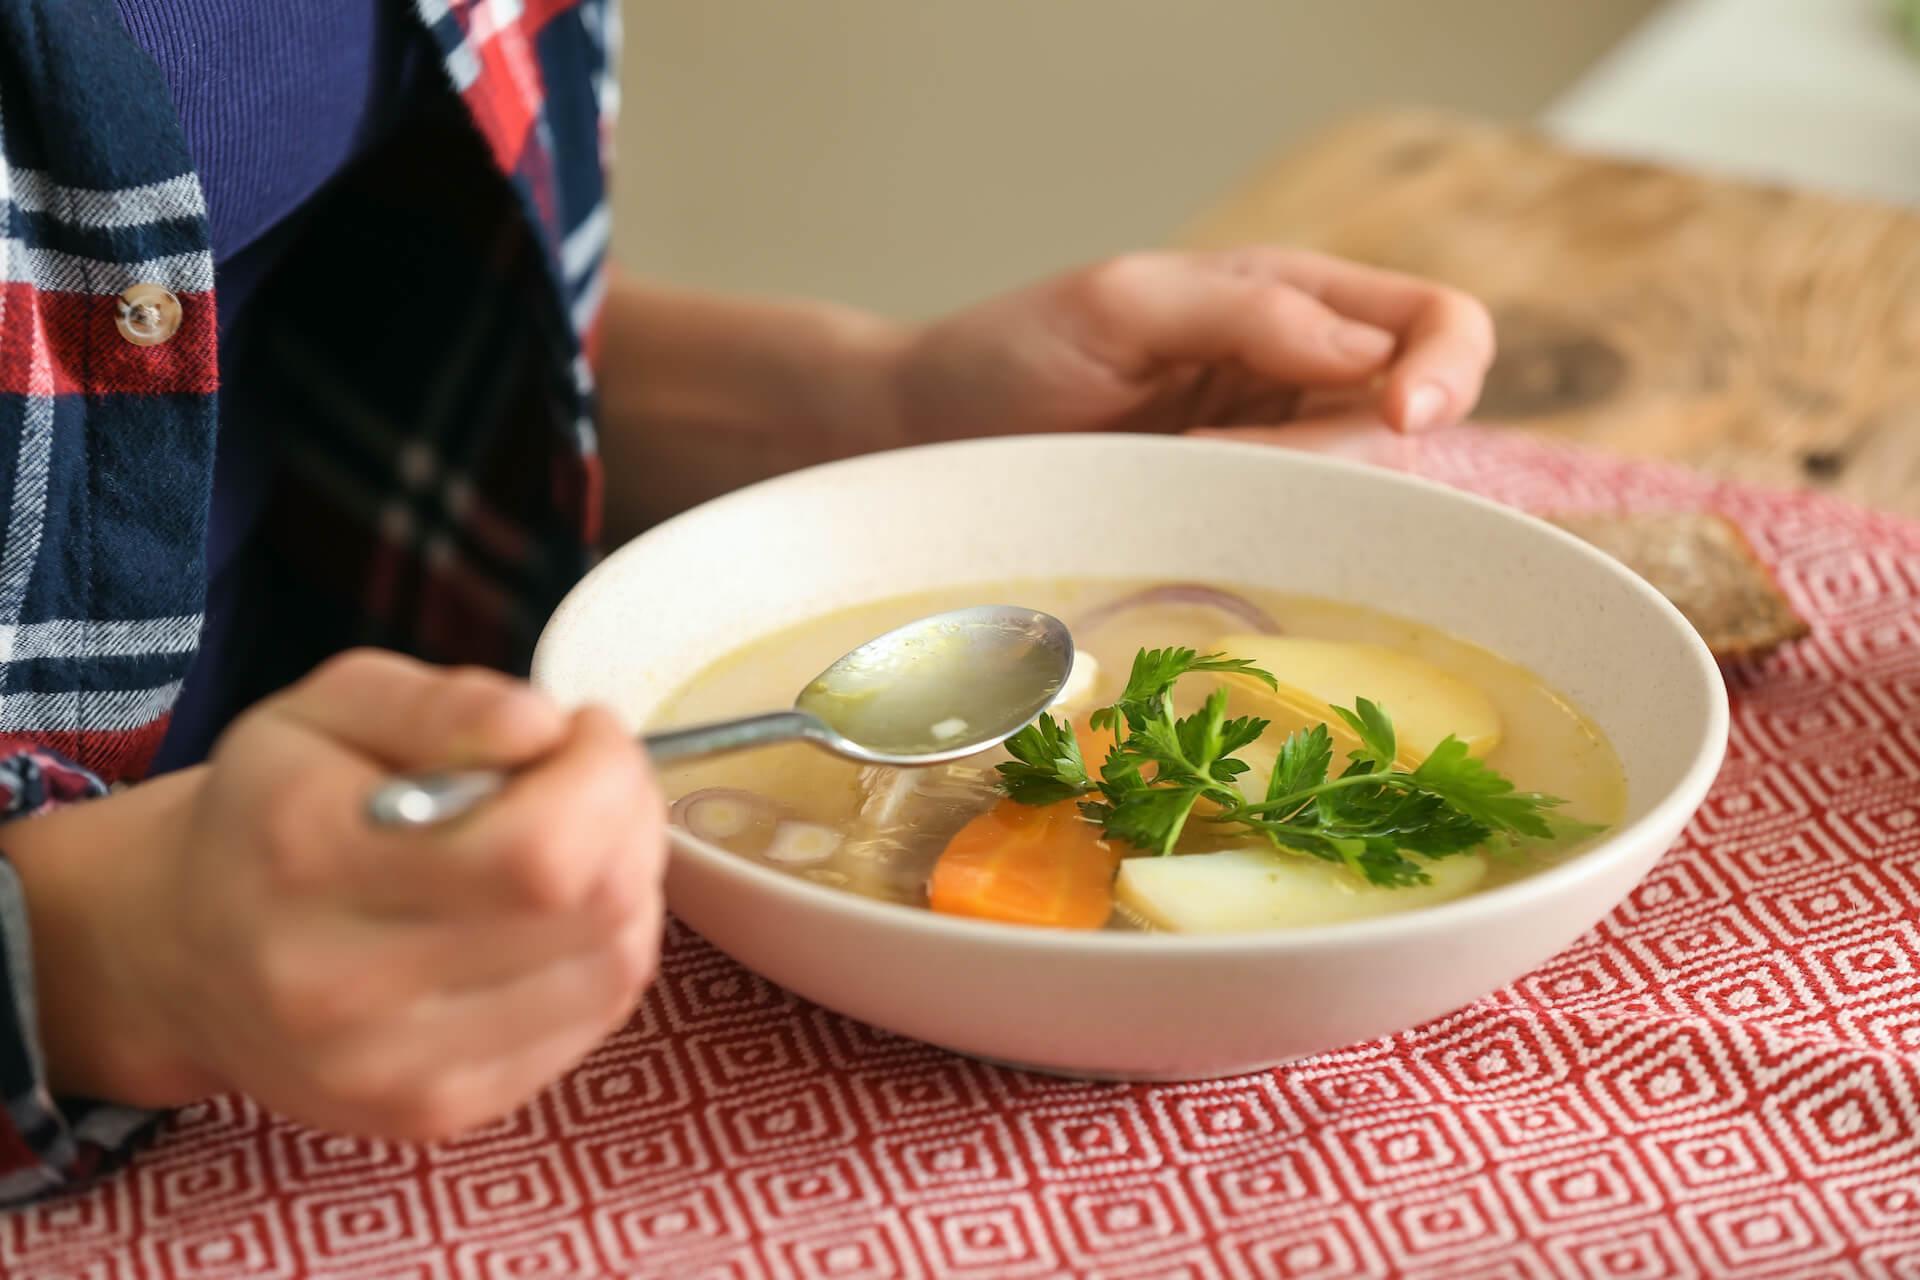 persona comiendo sopa de verduras